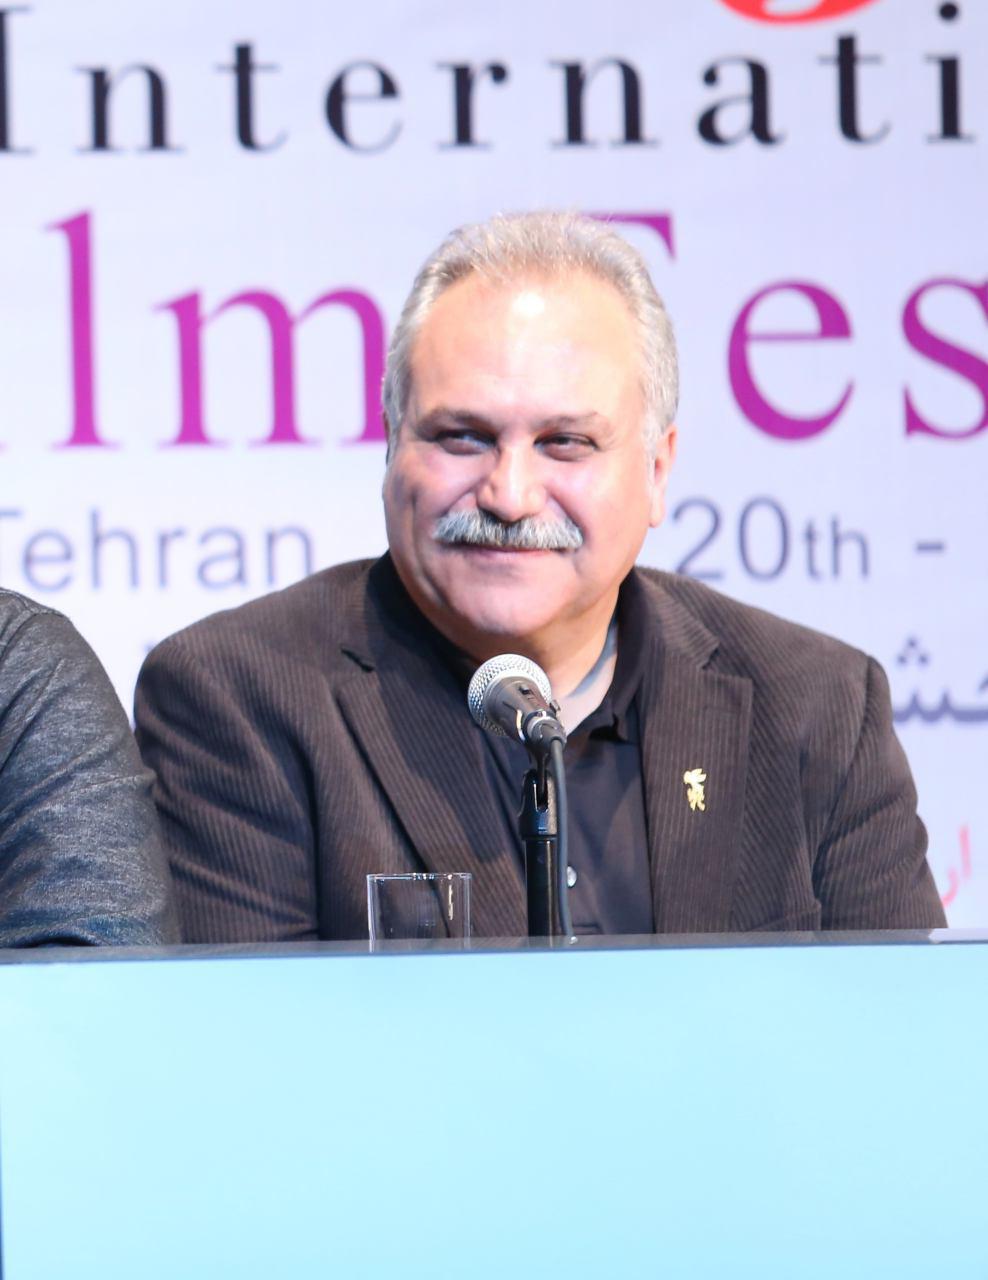 بخش بازار فیلم را با تمرکز بر سینمای ایران برگزار میکنیم